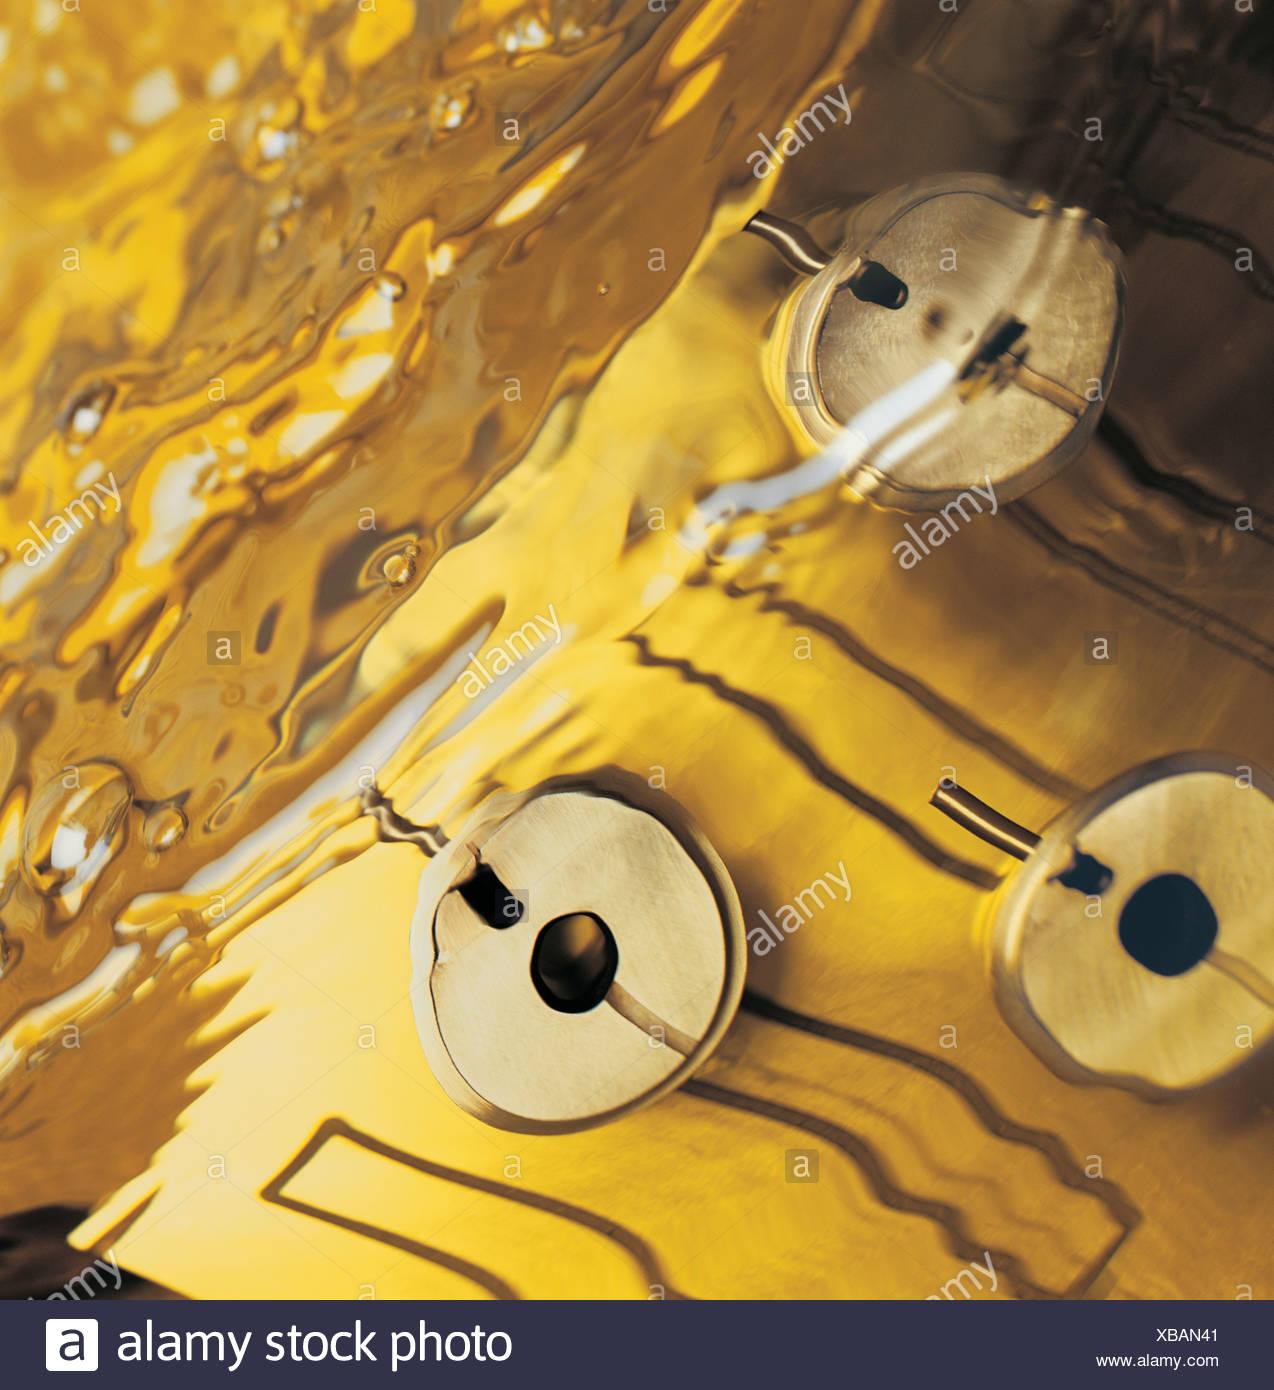 Electrolysis at work under water - Stock Image